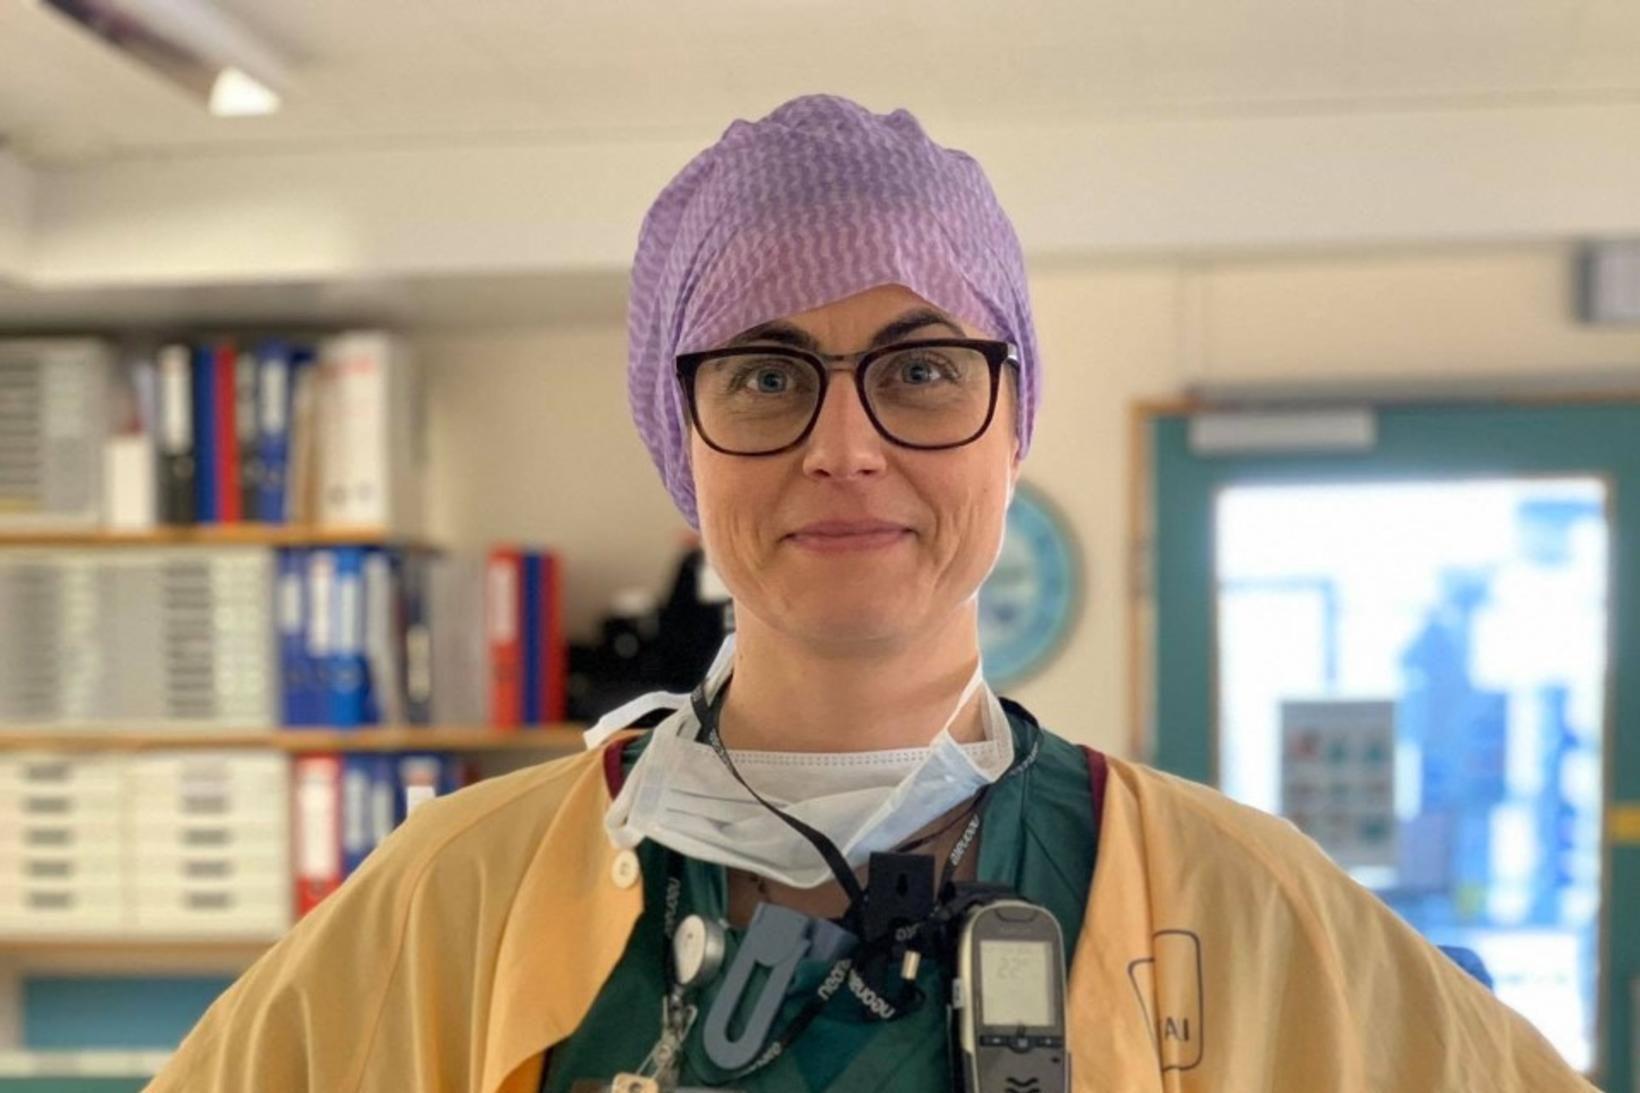 Þóra Gunnlaugsdóttir hjúkrunarfræðingur og aðstoðardeildarstjóri gjörgæslunnar.